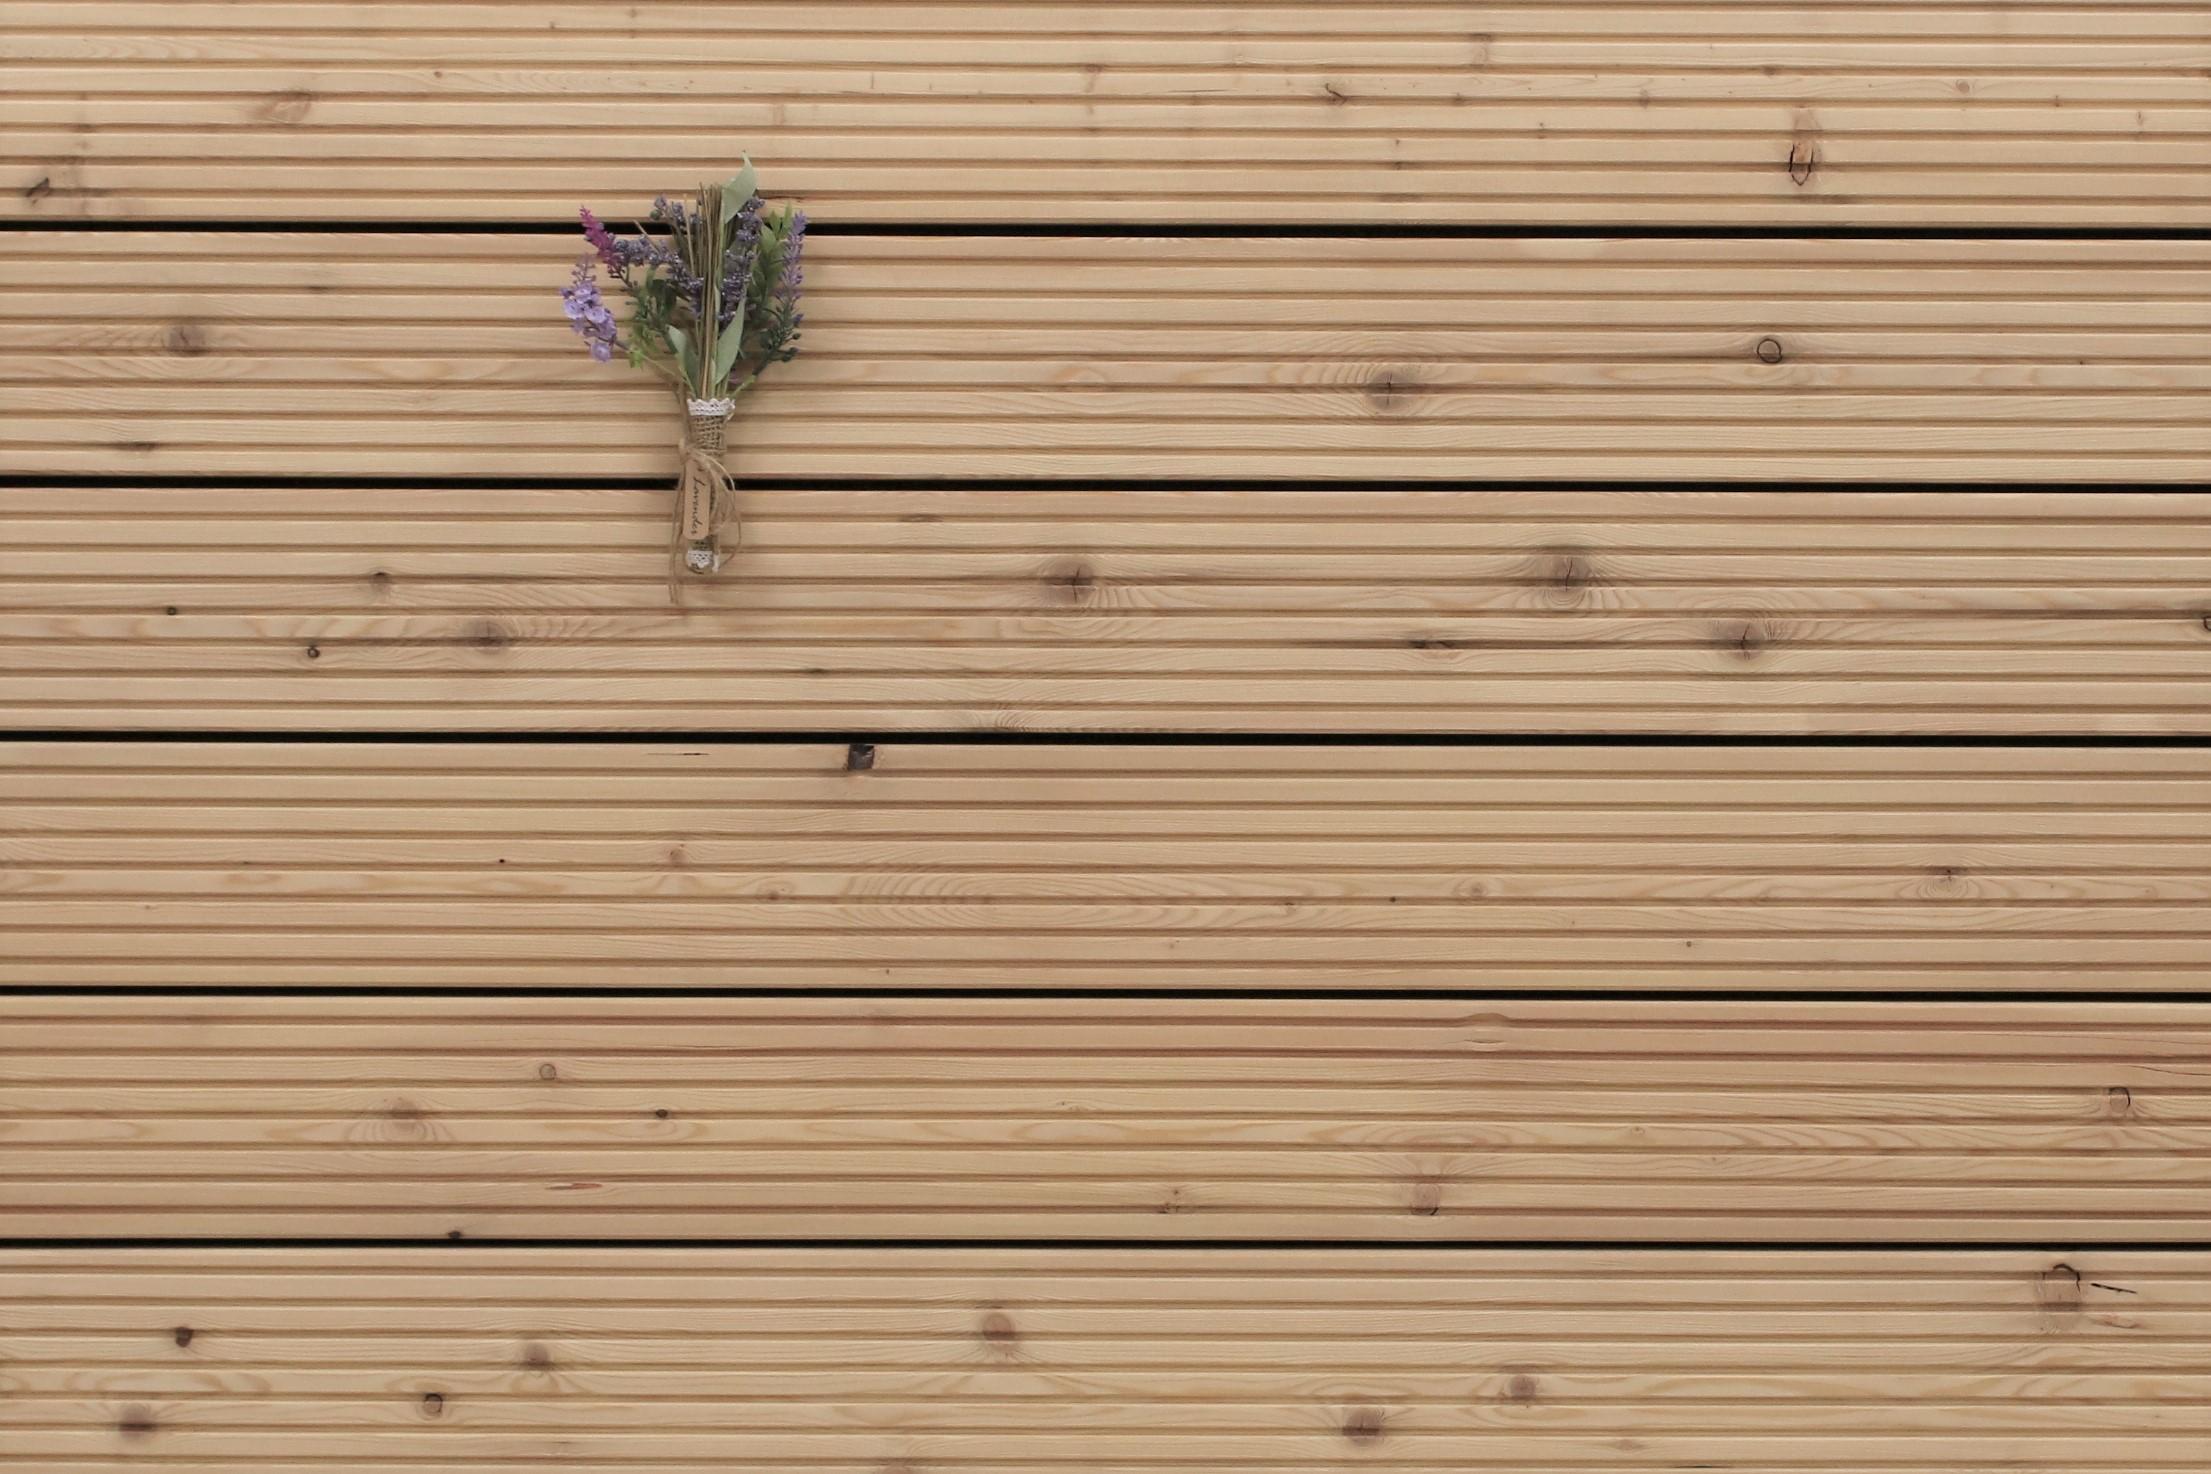 Holzterrasse Sibirische Lärche, grob genutet, AB Sortierung, 26 x 143 bis 6000 mm Dielen, Holz Bretter für die Terrasse, 6,95 €/lfm